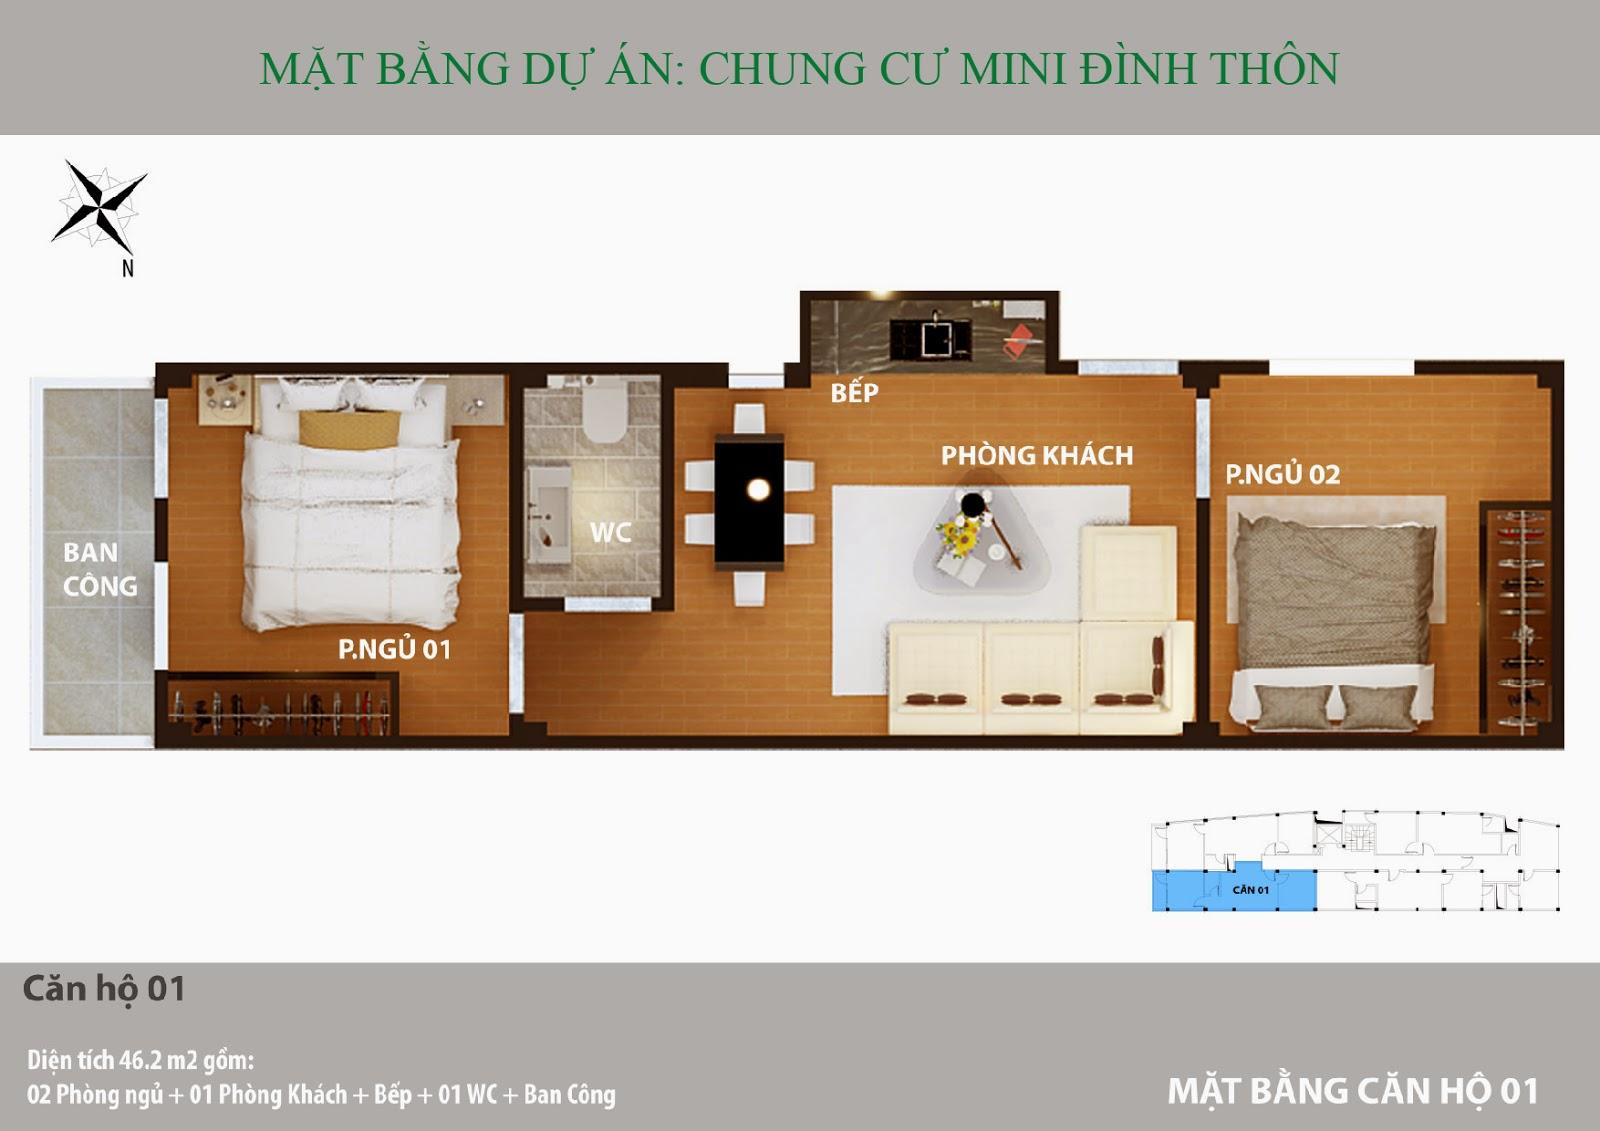 Căn hộ 2 phòng ngủ điển hình chung cư mini Mỹ Đình